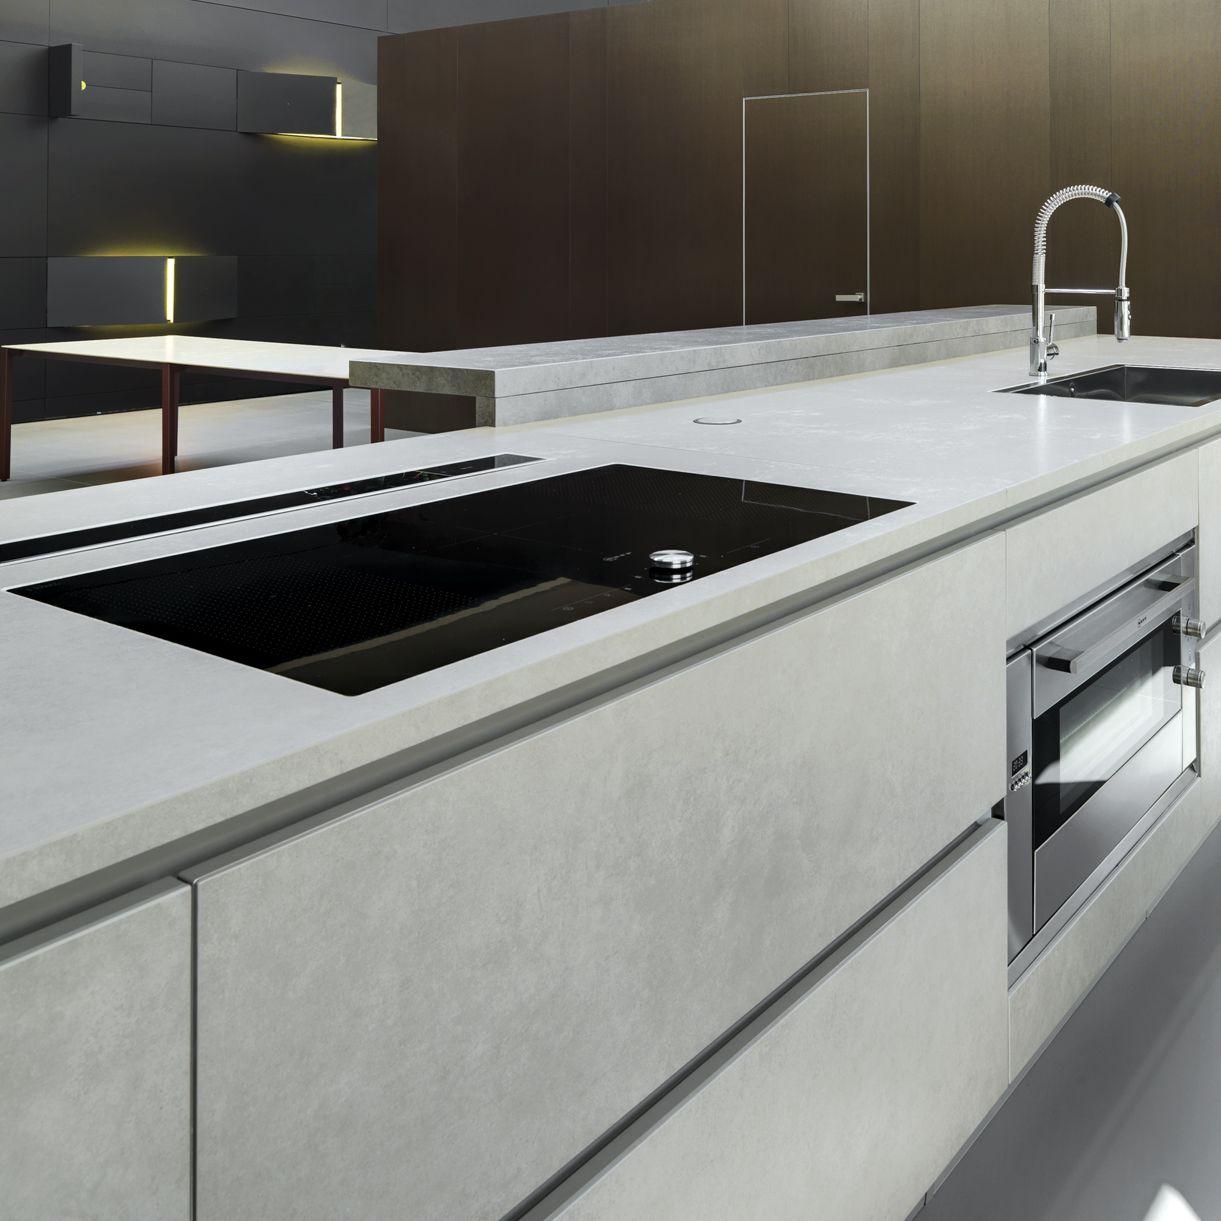 plan de travail en céramique / professionnel / de cuisine ... - Plan De Travail Cuisine Resistant Chaleur